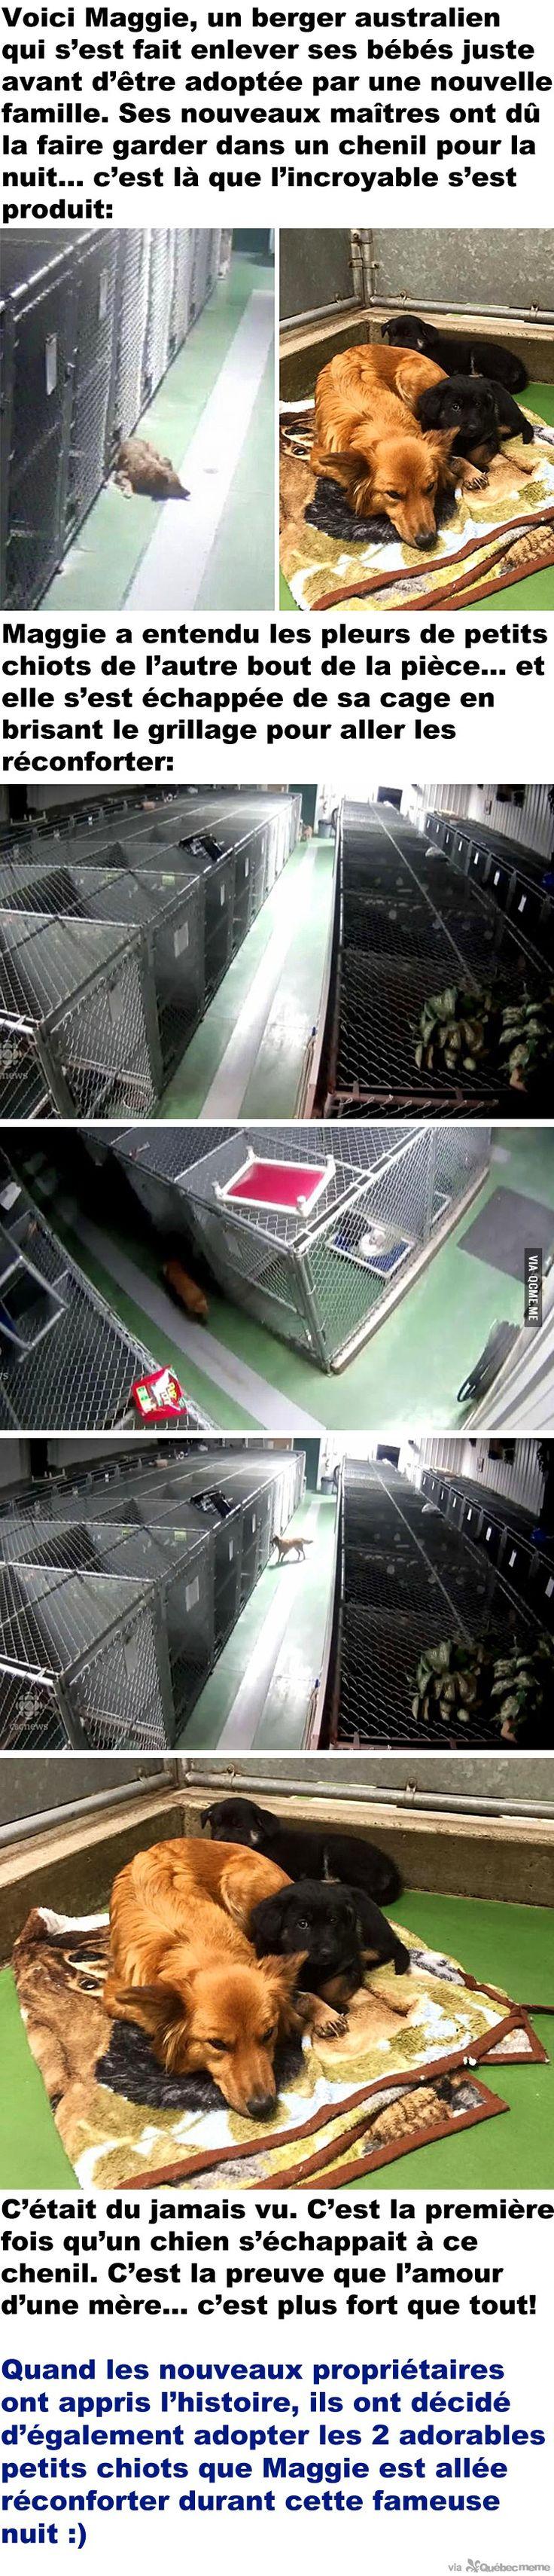 Un chien s'échappe d'un chenil pour réconforter des petits chiots